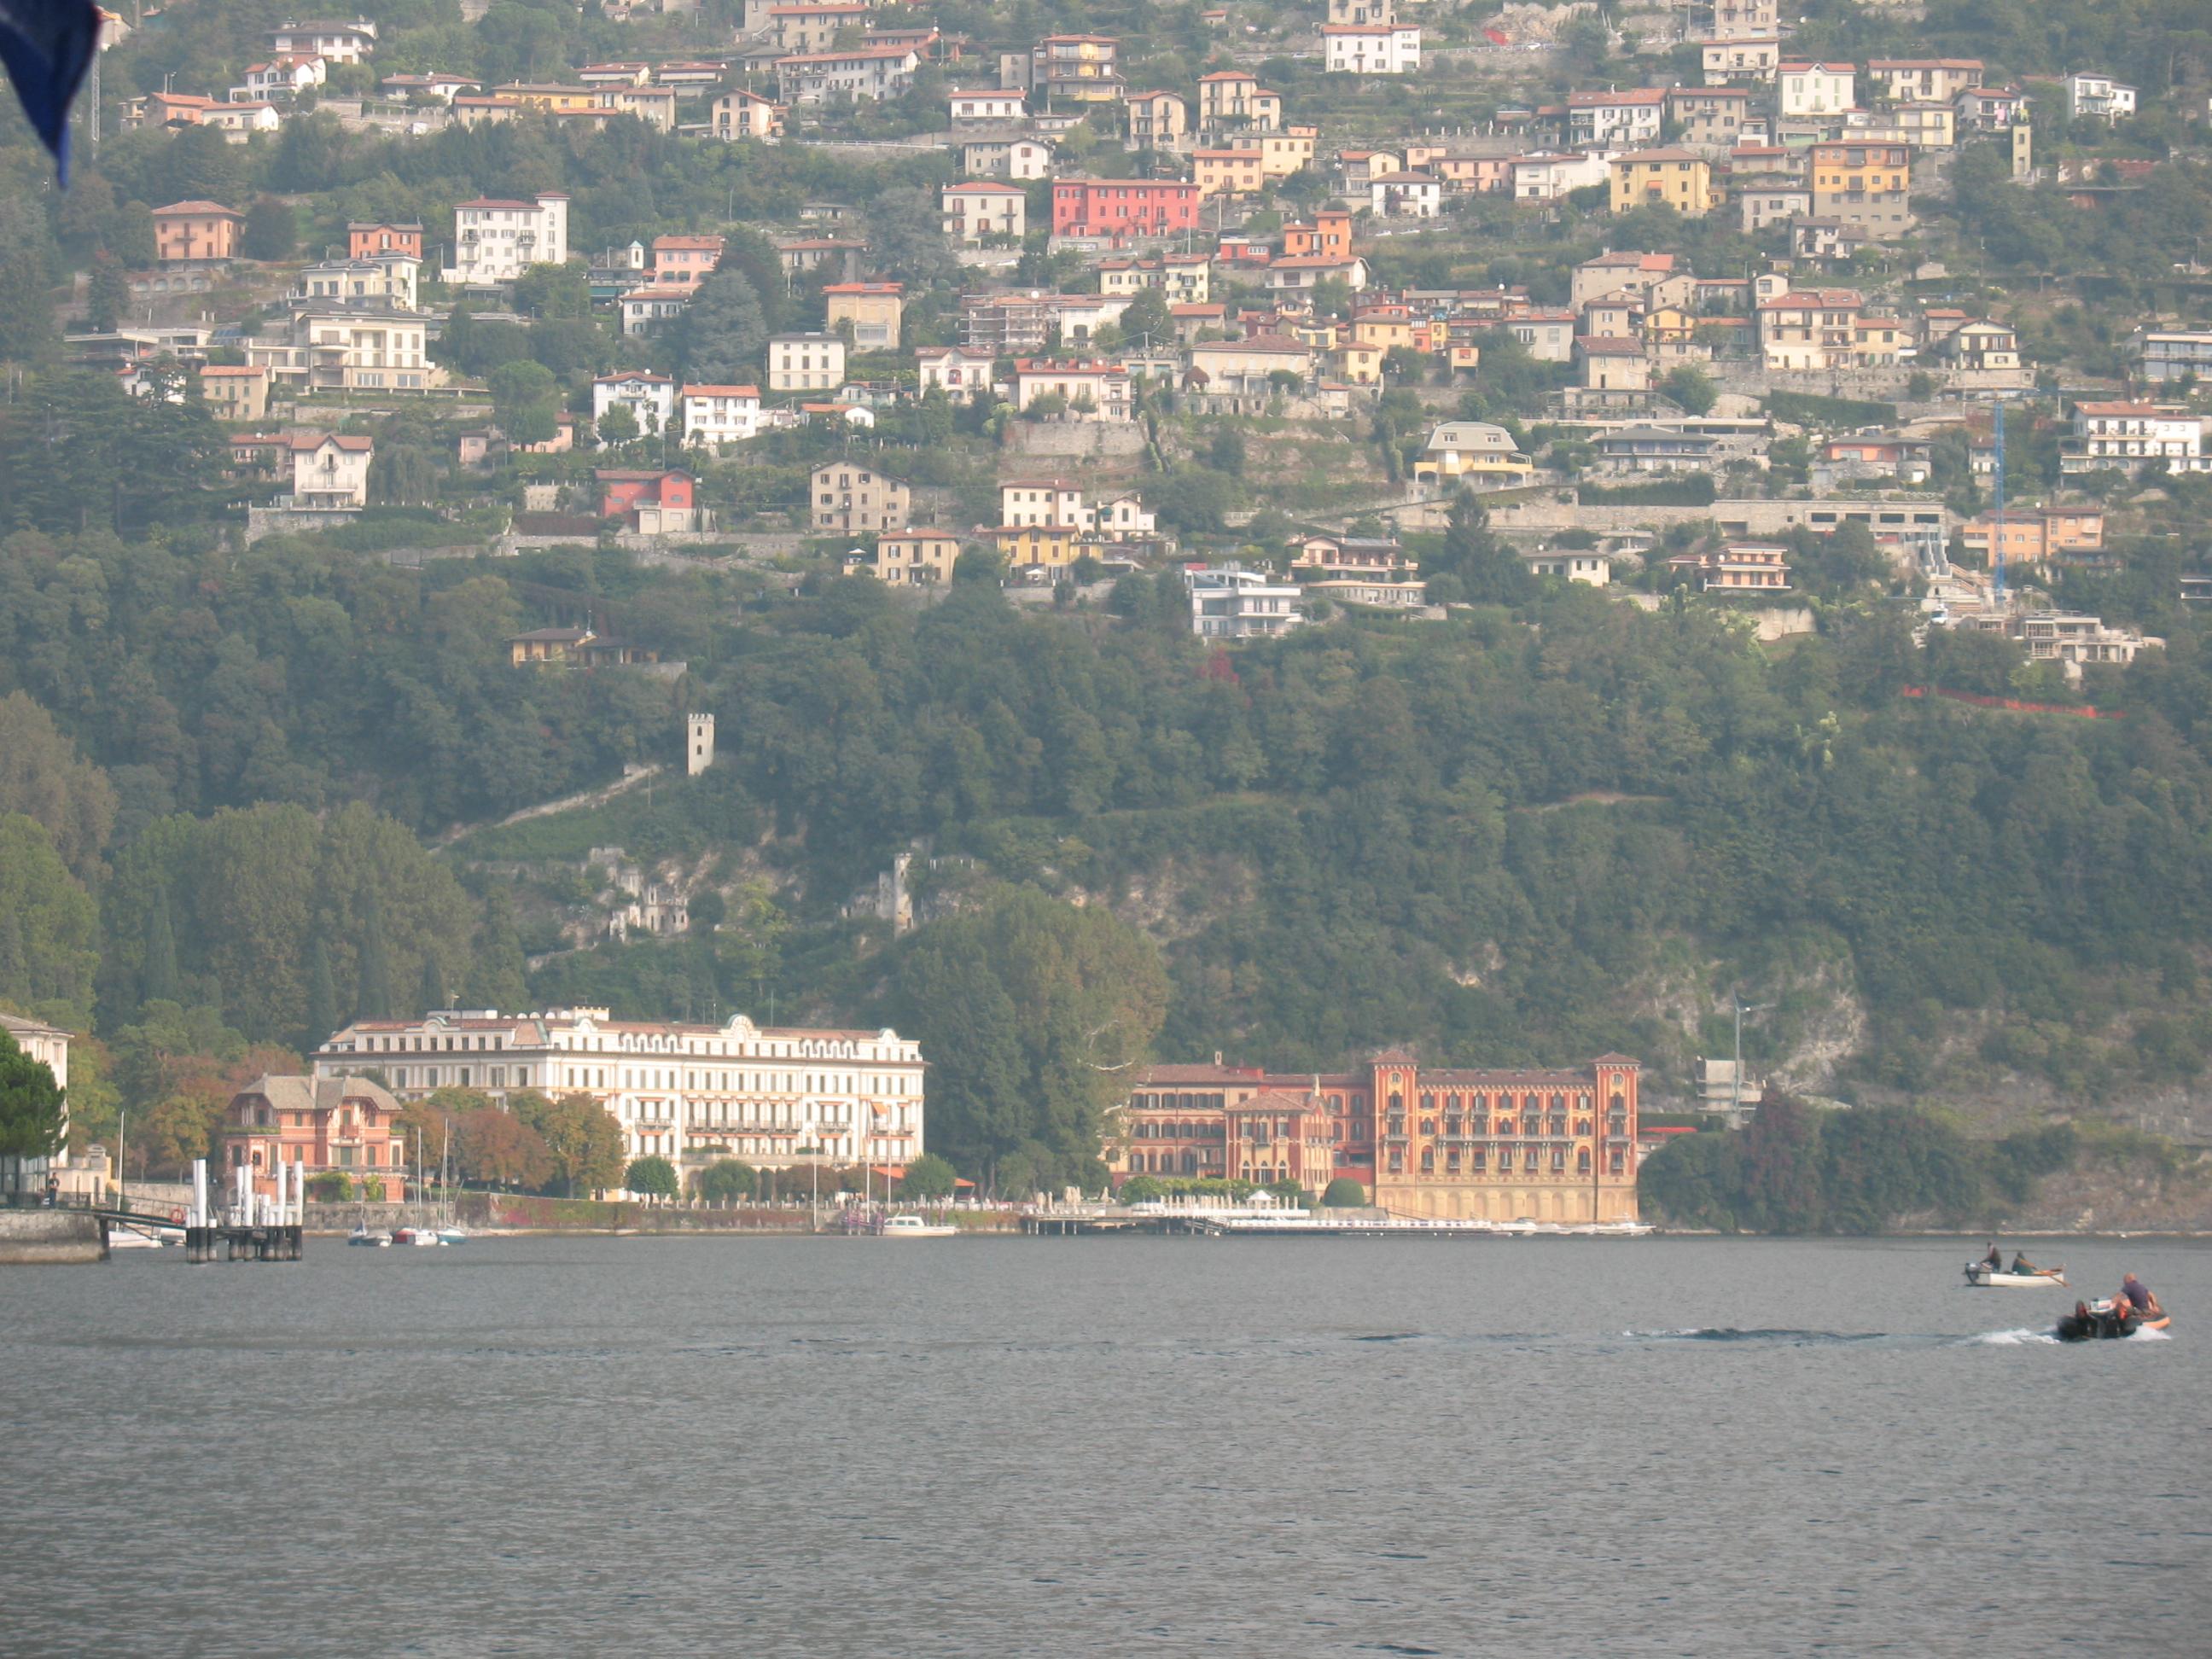 Вид с озера на виллу д'Эсте, Черноббио, озеро Комо